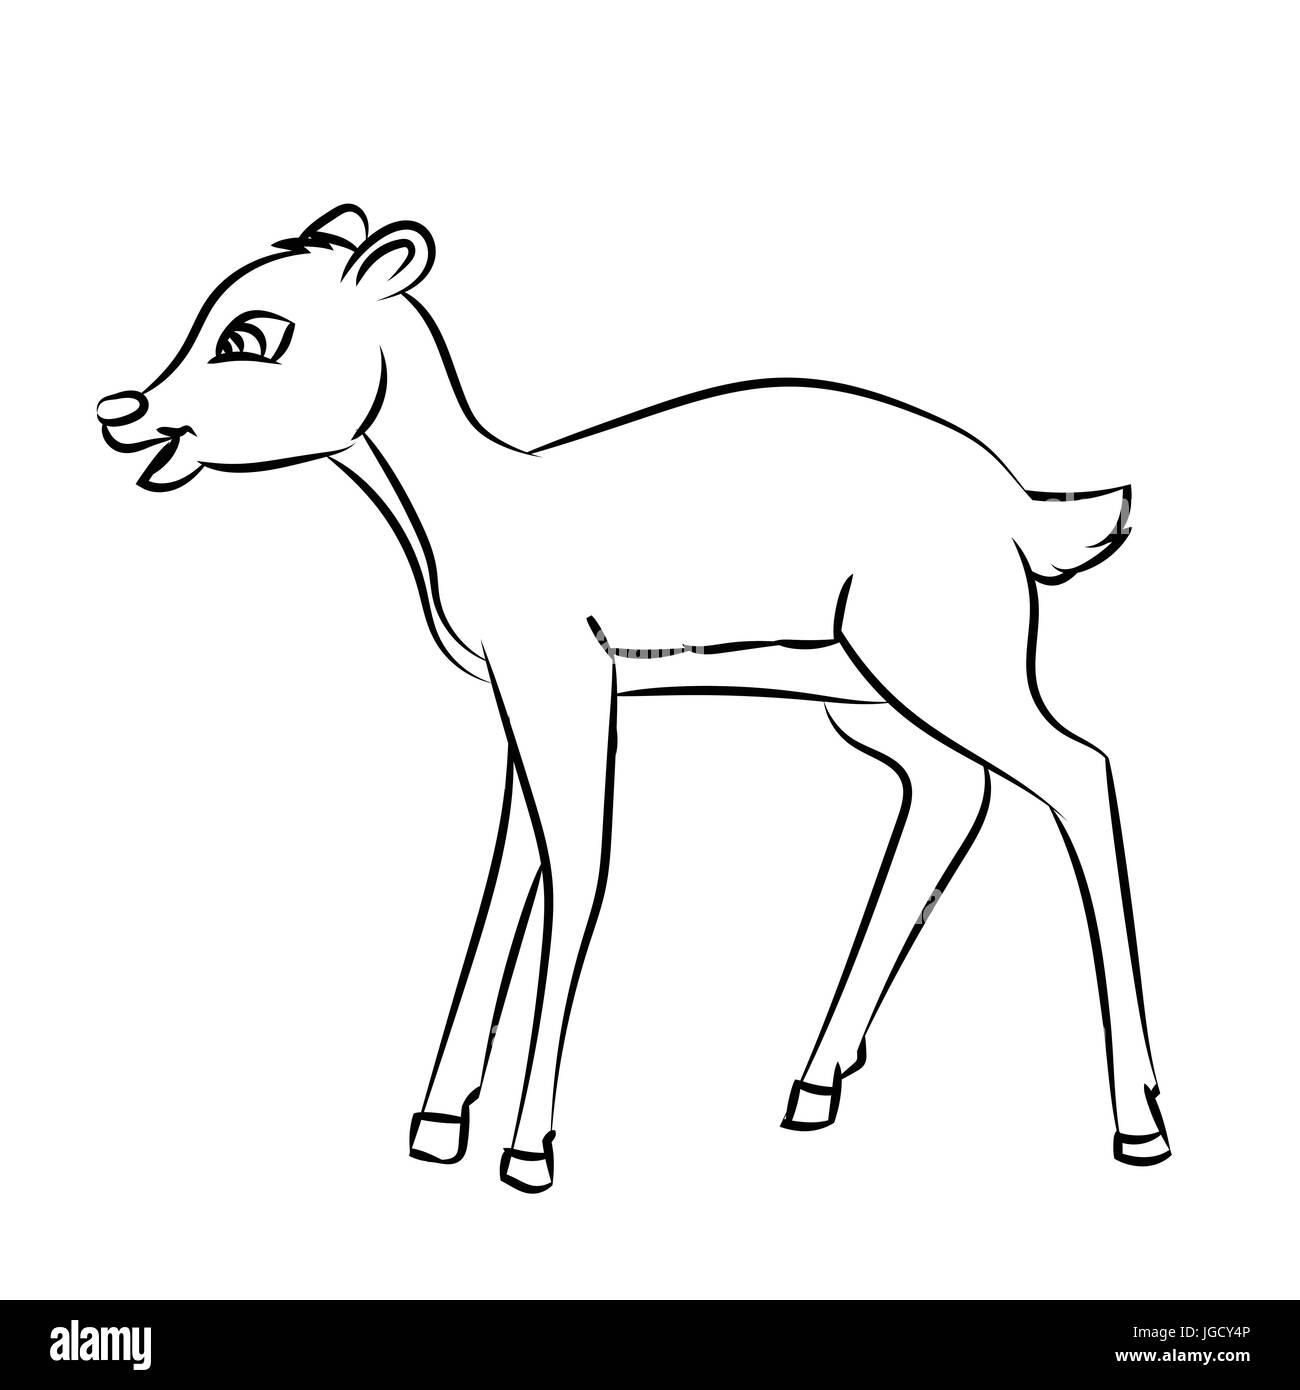 Croquis dibujados a mano de Ciervos aislados de rata, en blanco y ...